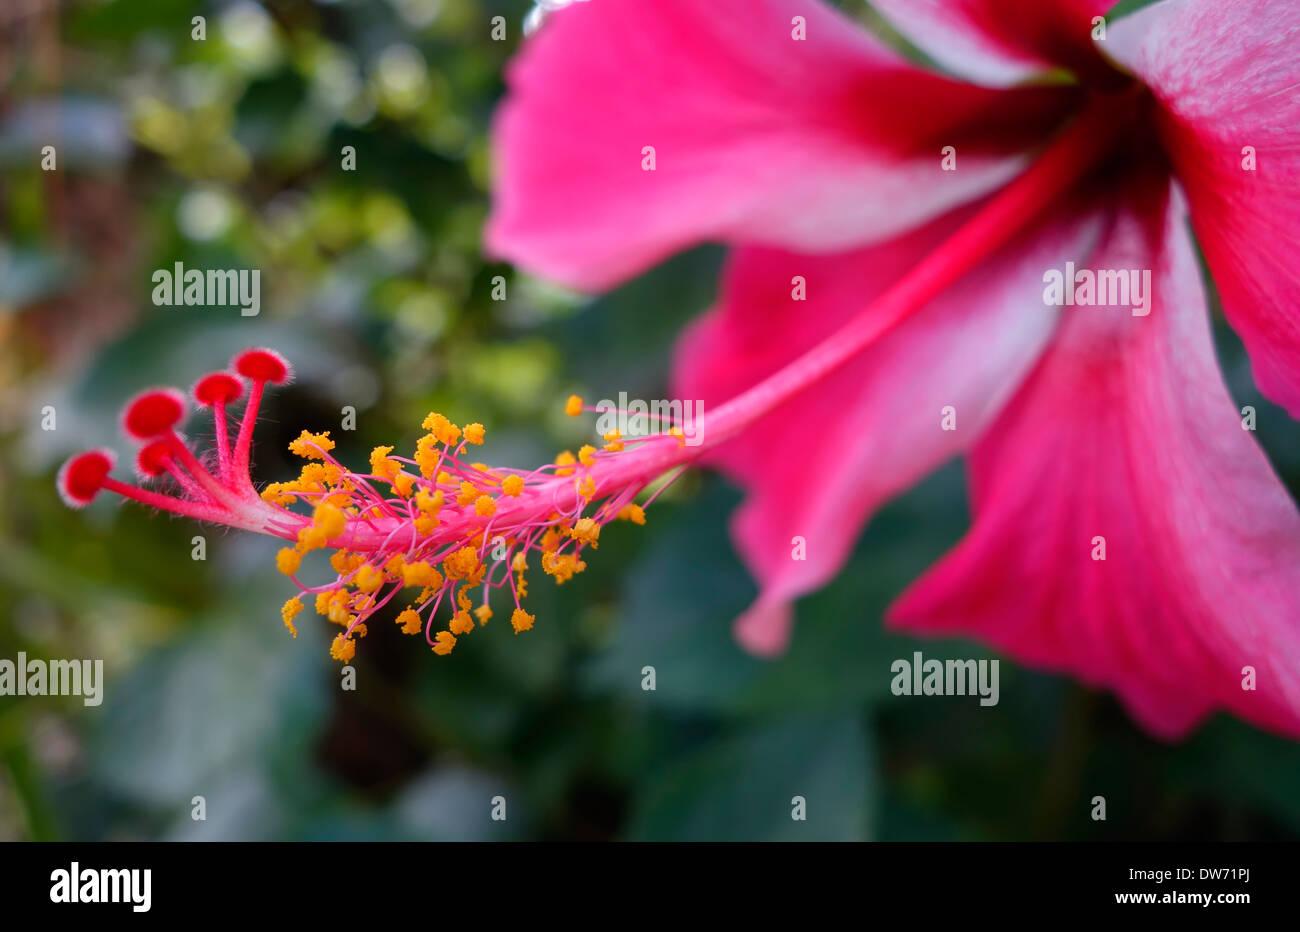 Asia hibiscus flower stock photos asia hibiscus flower stock hibiscus flower northern thailand stock image izmirmasajfo